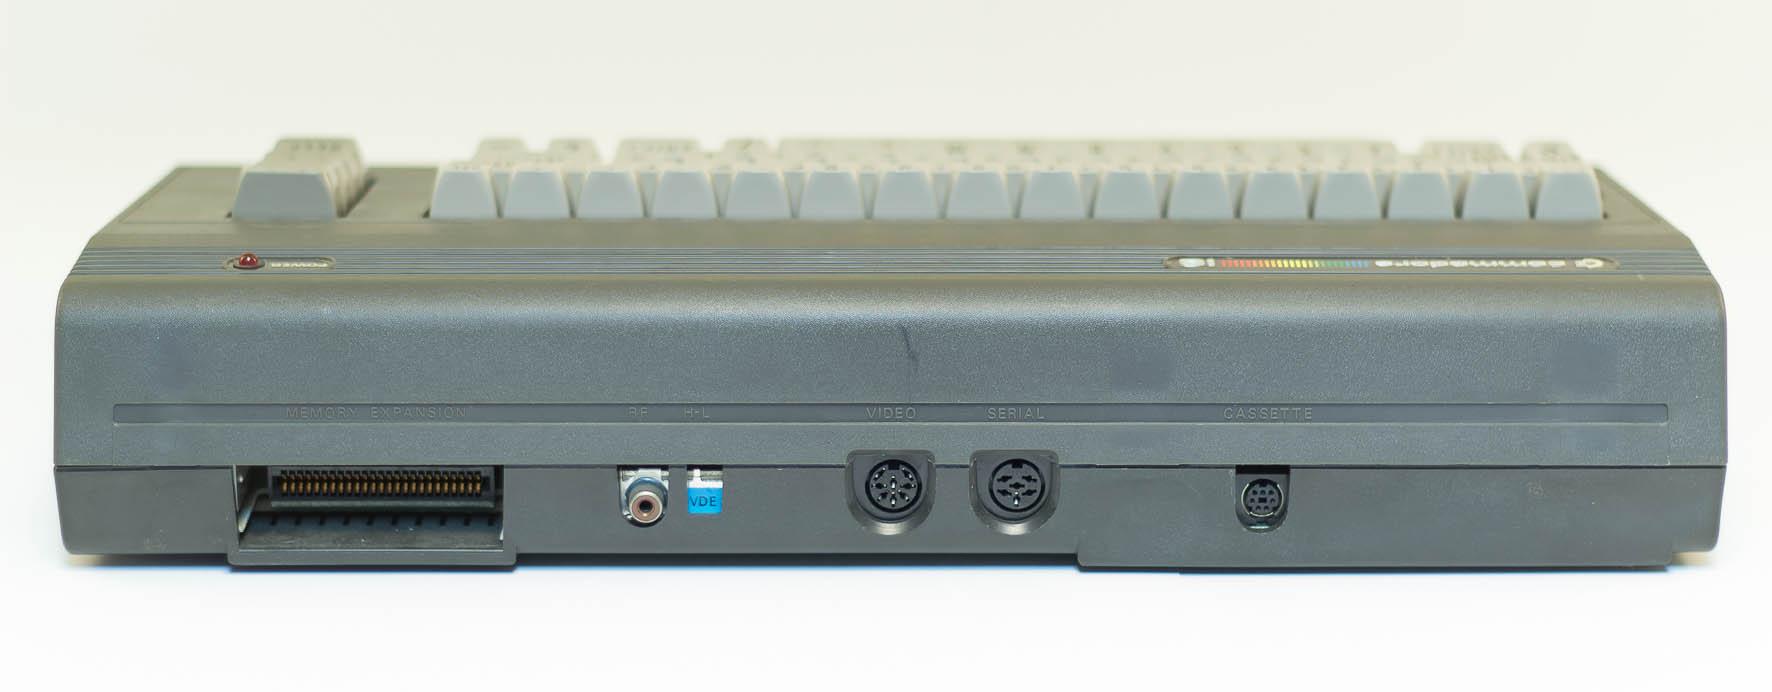 Die Anschlüsse an der Rückseite des C16. Am Expansion-Port konnte beispielsweise das zum C16 passende Floppylaufwerk VC 1551 betrieben werden. (Bild: Claudio Lione)